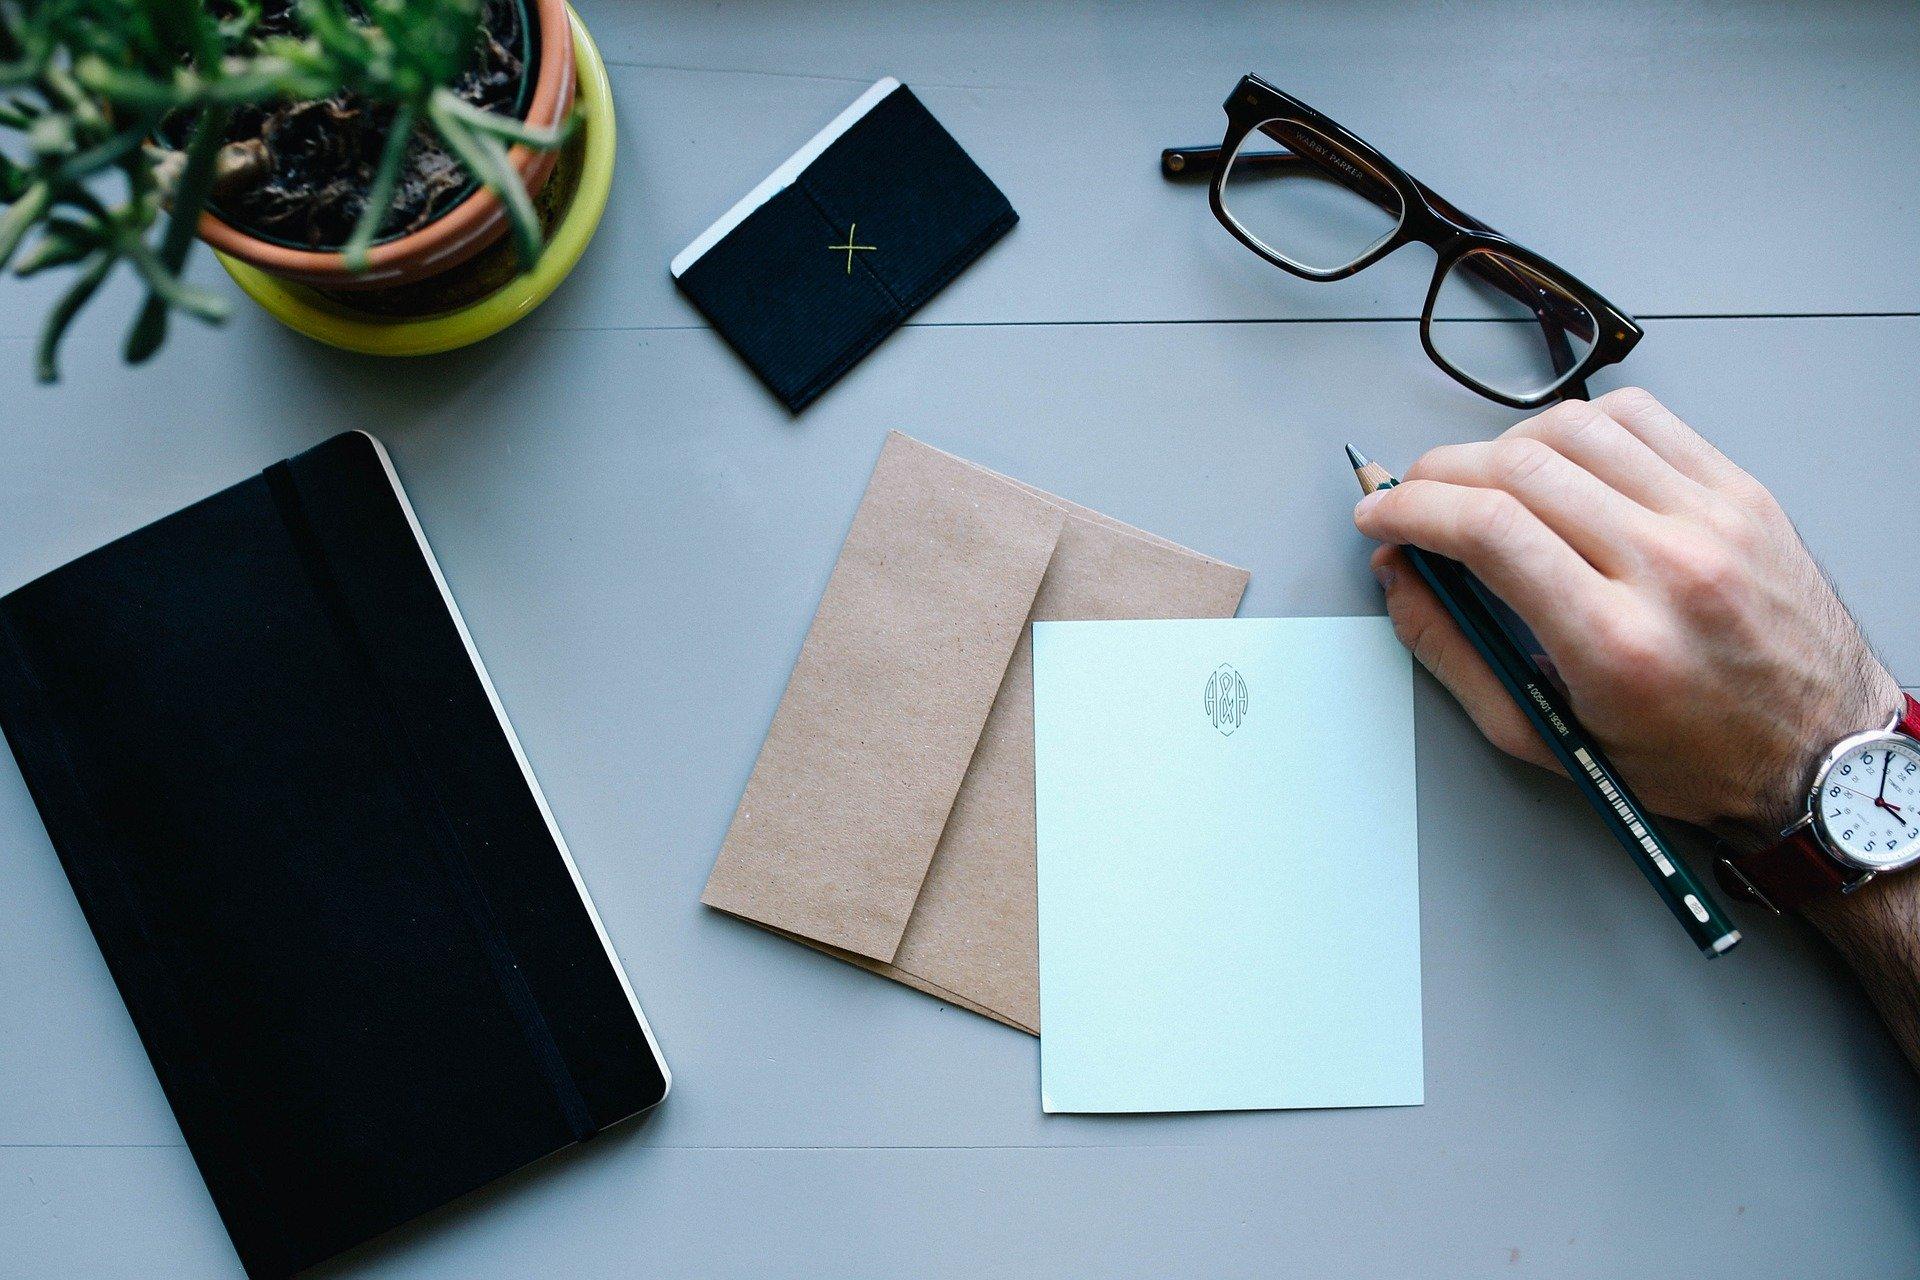 e-doręczenia to pisma z urzędów w formie cyfrowej, przesyłane na indywidualną skrzynkę pocztową obywatela